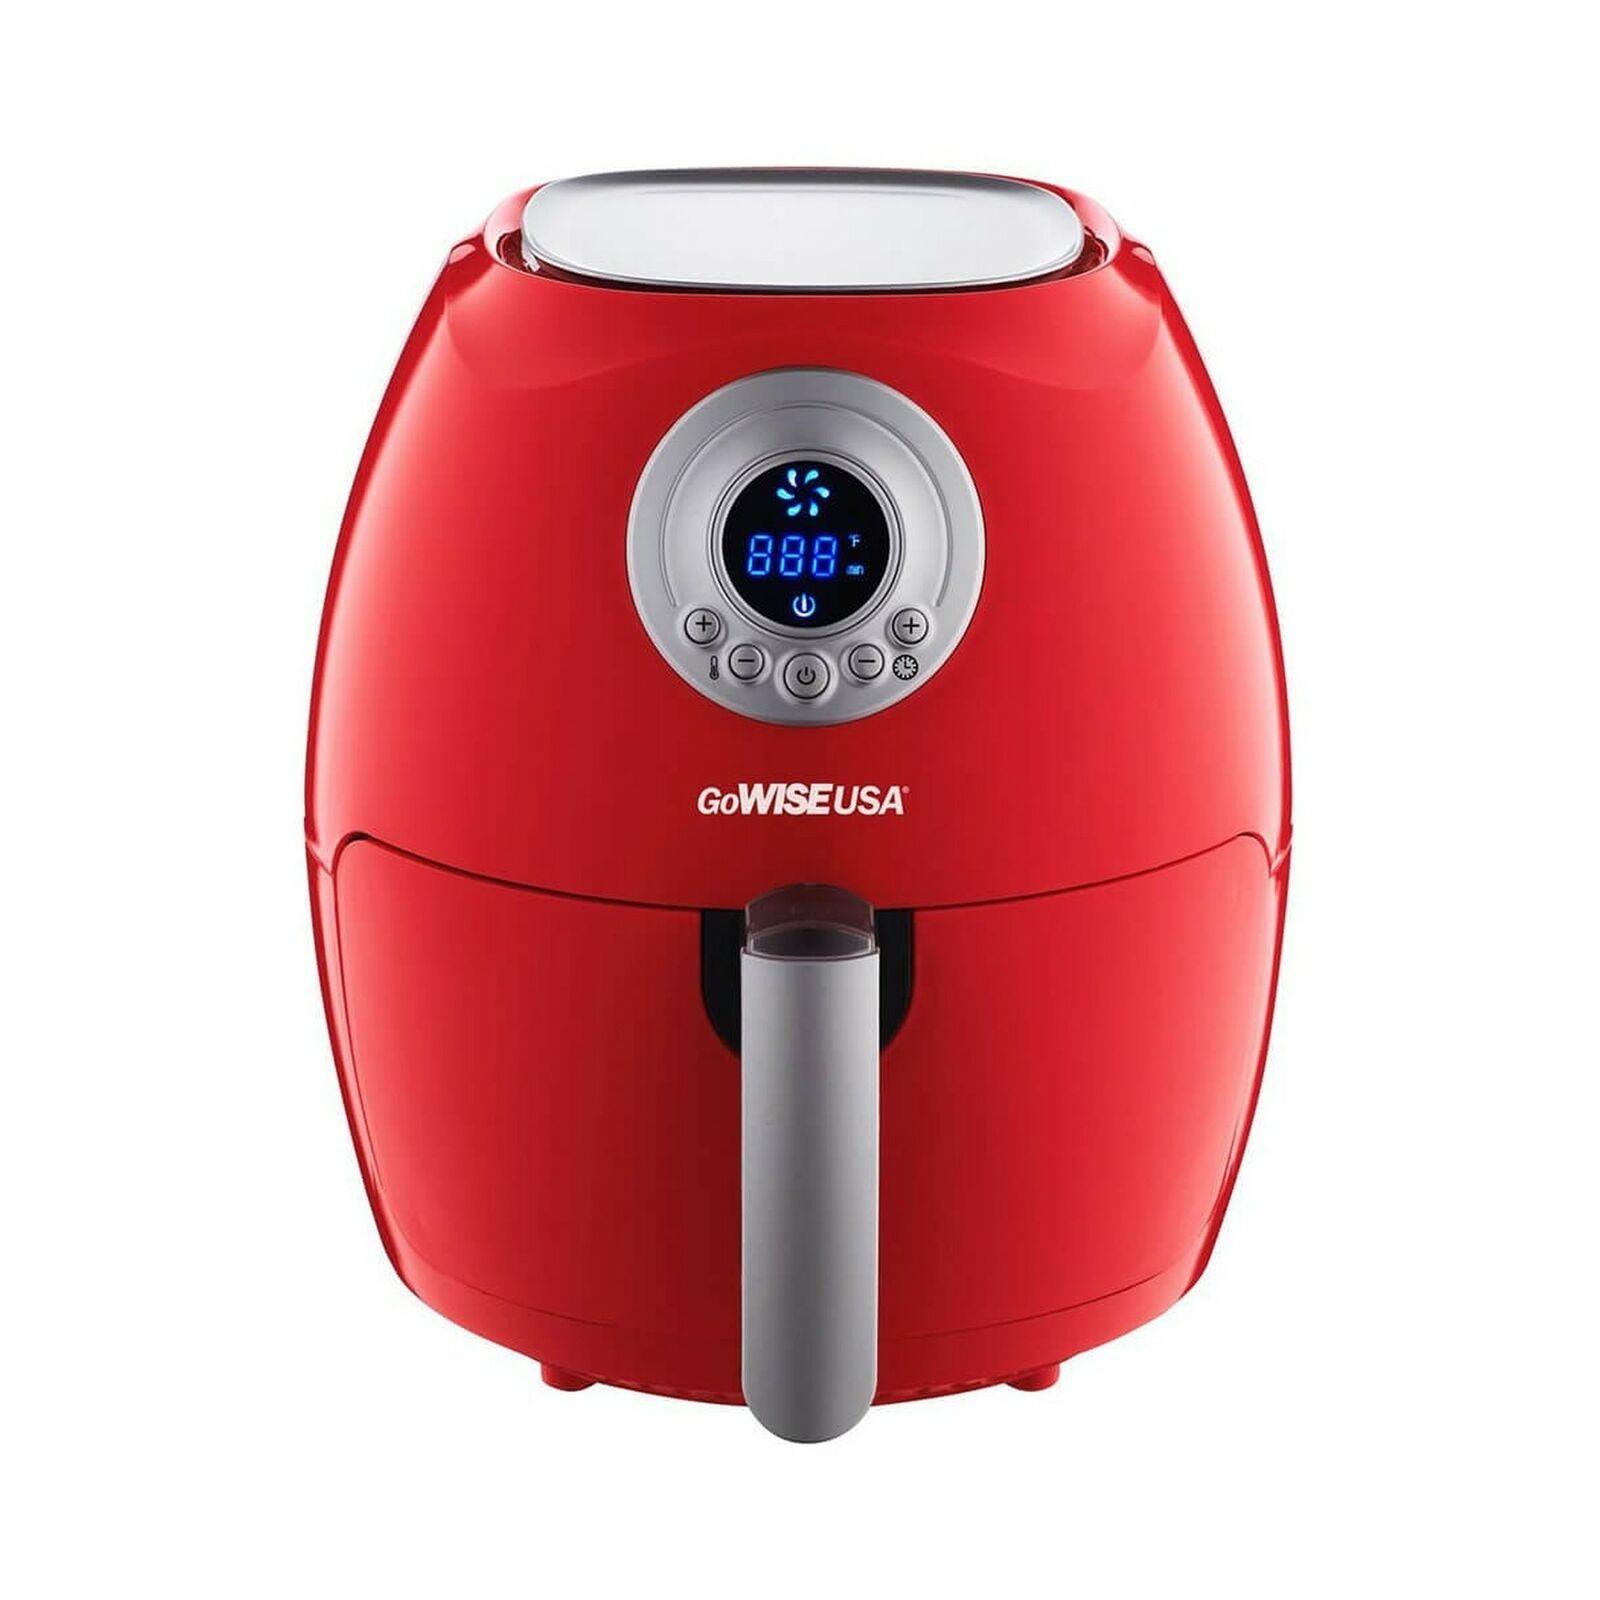 GoWISE USA 2.75 - quart digital Air Friteuse + 50 recettes pour votre Air Fryer livre...